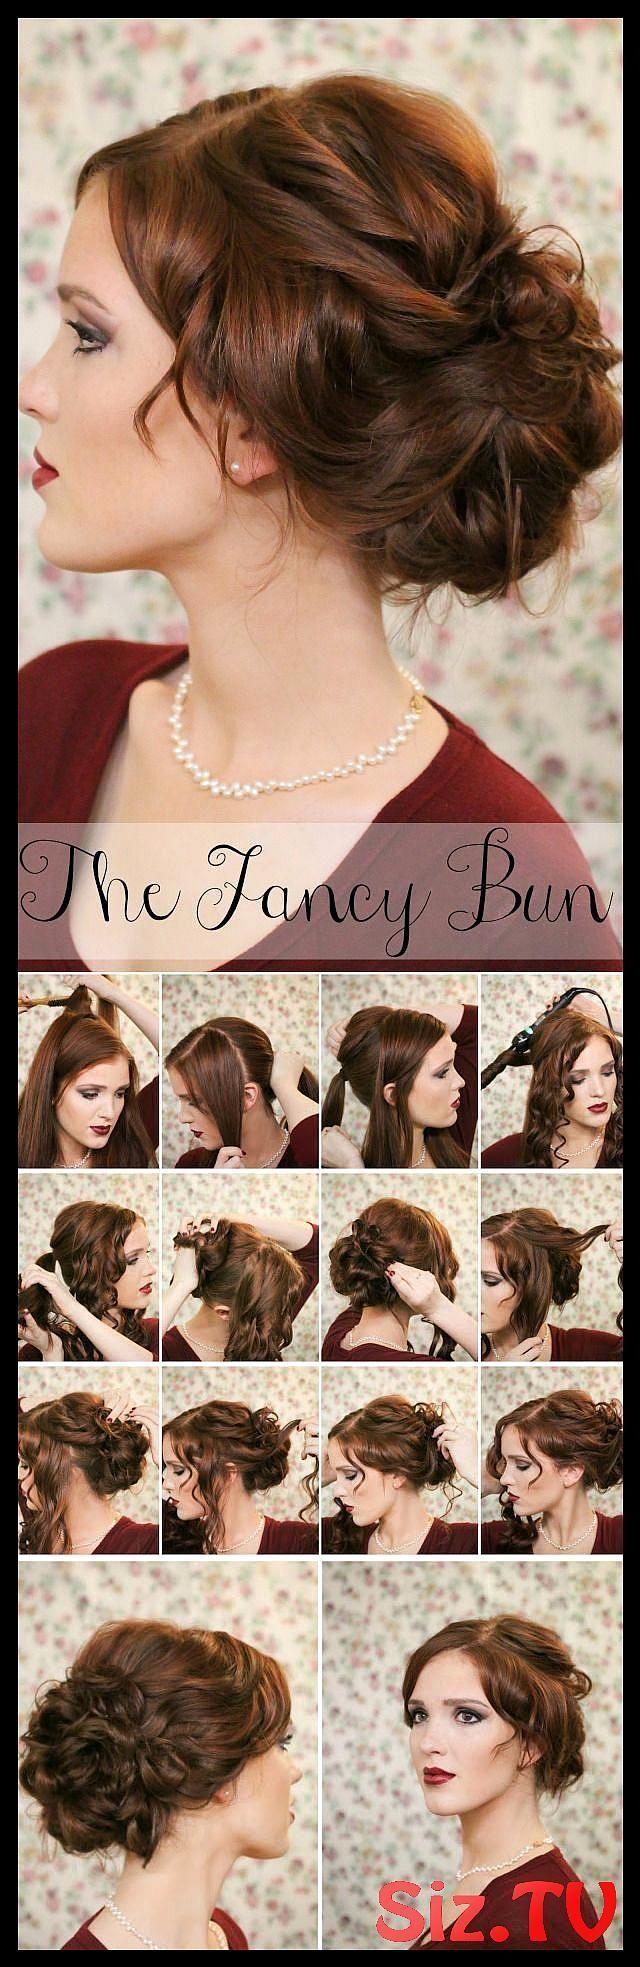 Top 25 Messy Hair Bun Tutorials Perfect For Those  #Bun #hai #hair #high_messy_bun #Lazy